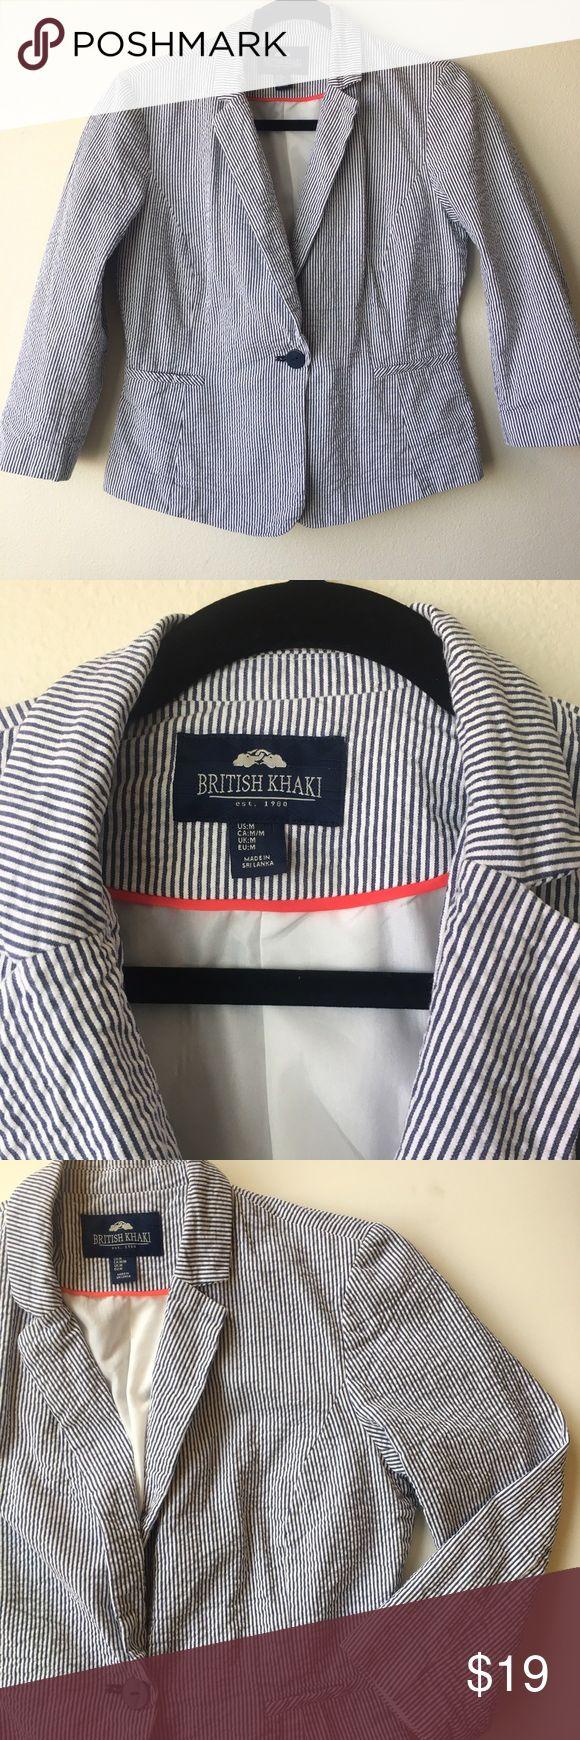 British Khaki blazer British Khaki blue and white fine stripes blazer 3/4 sleeves . Size M british Khaki Tops